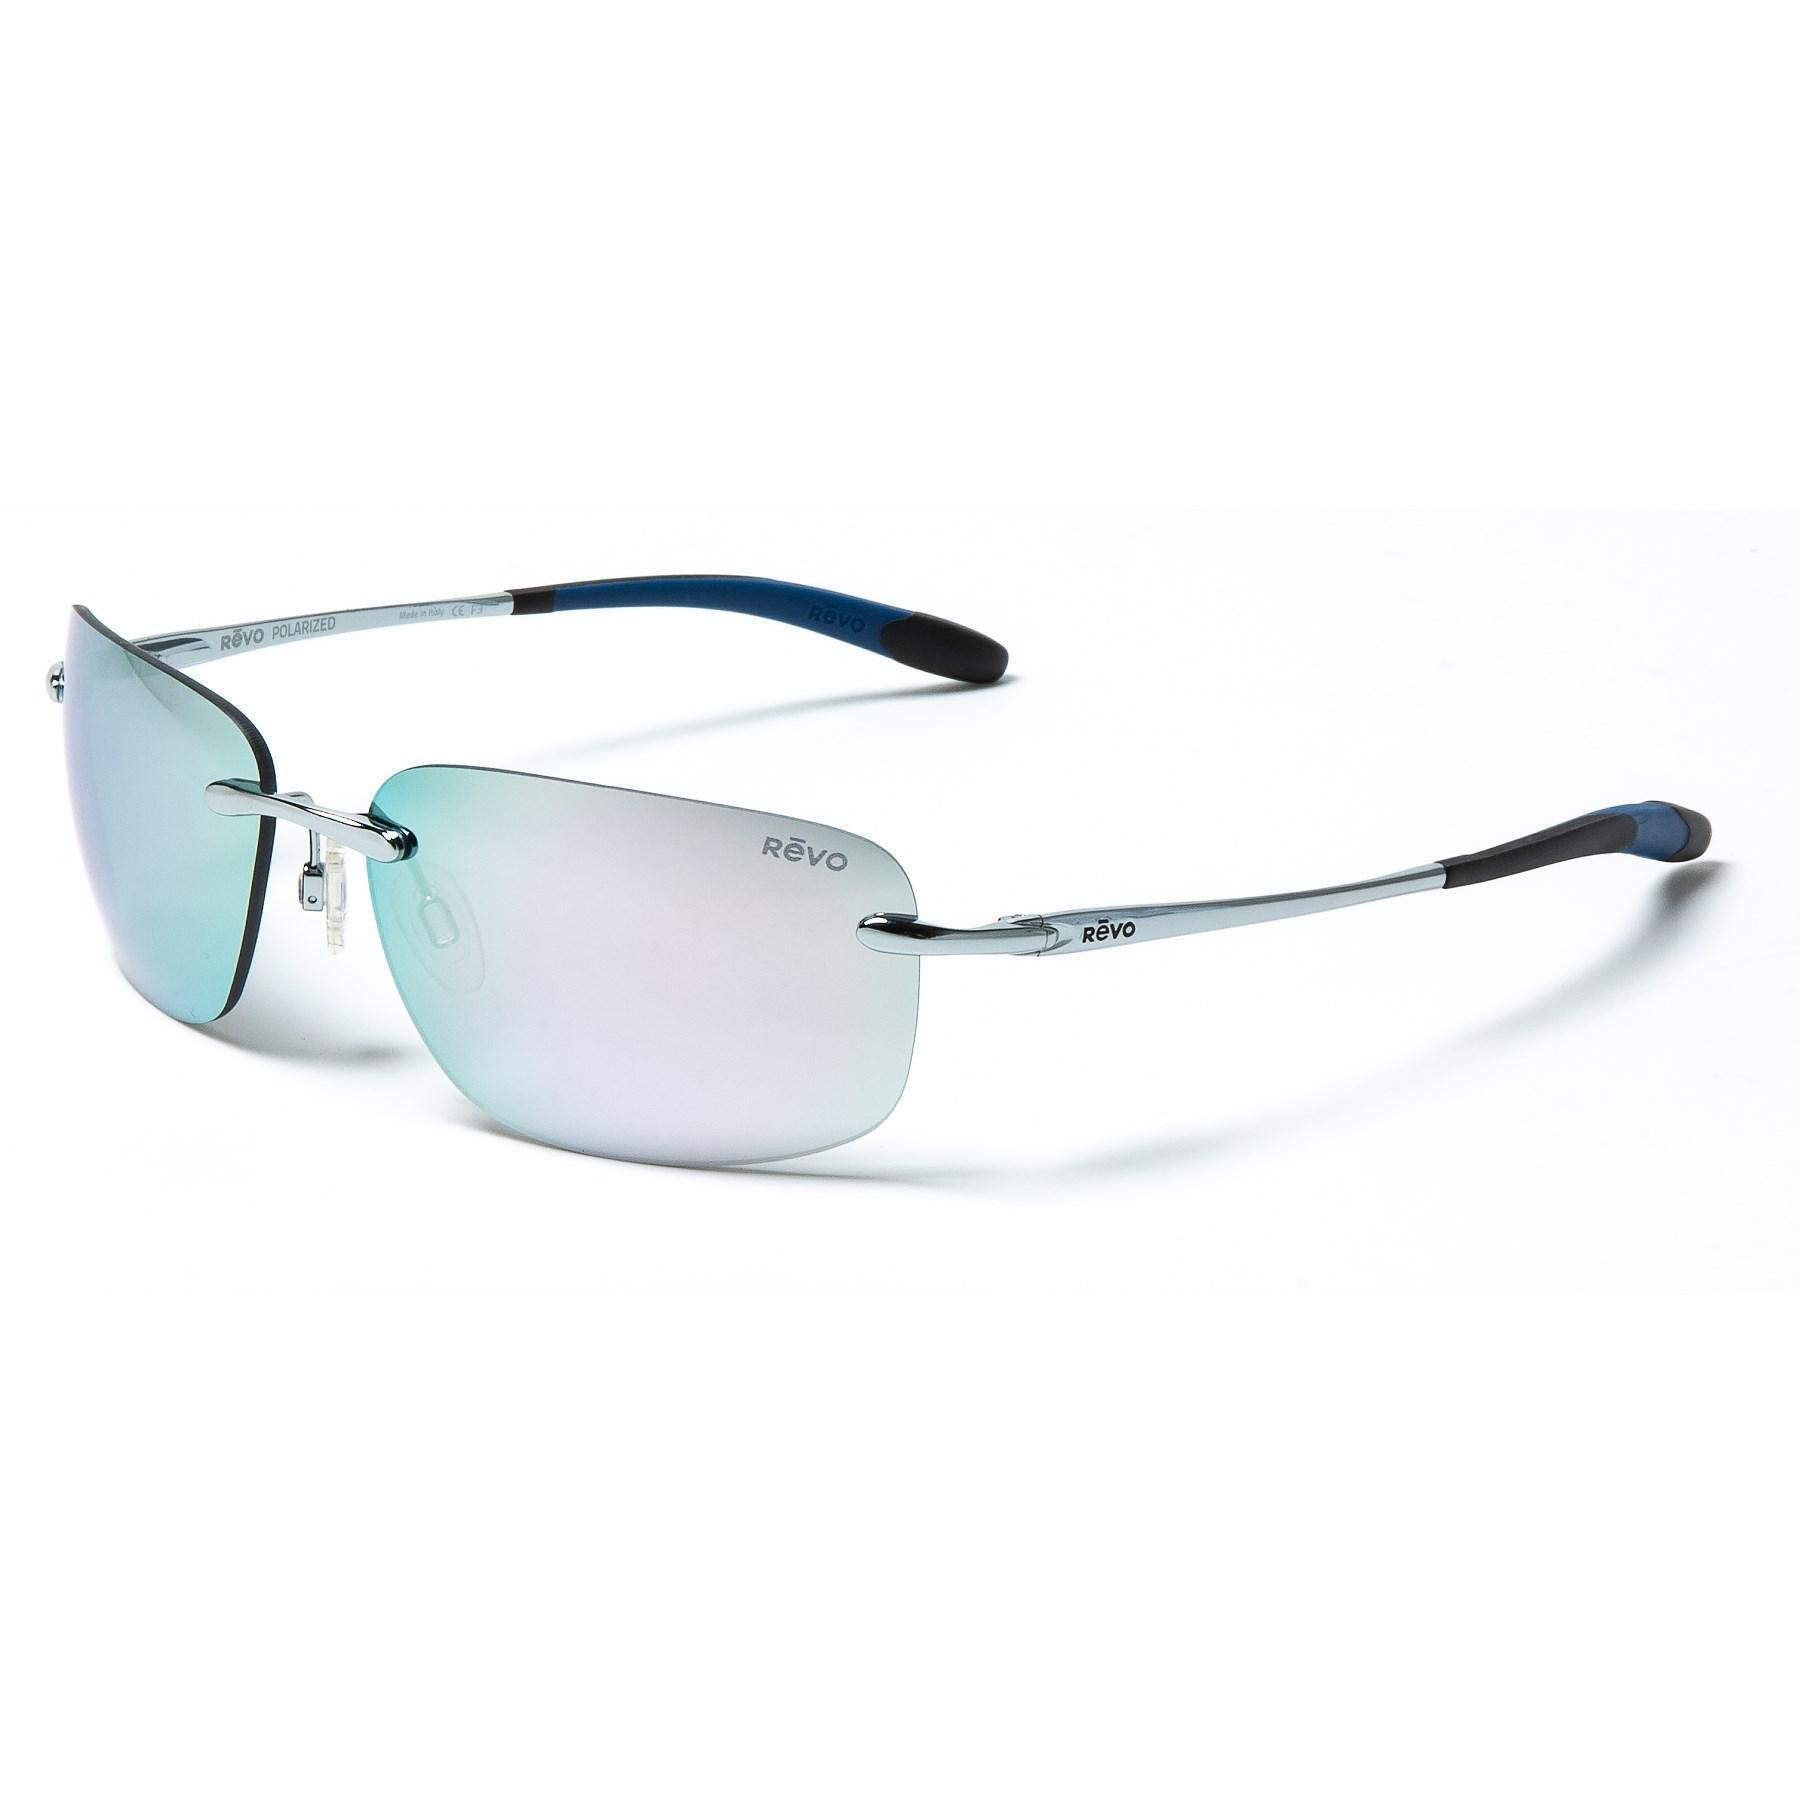 a35ca69e623fa Lyst - Revo Outlander Sunglasses in White for Men